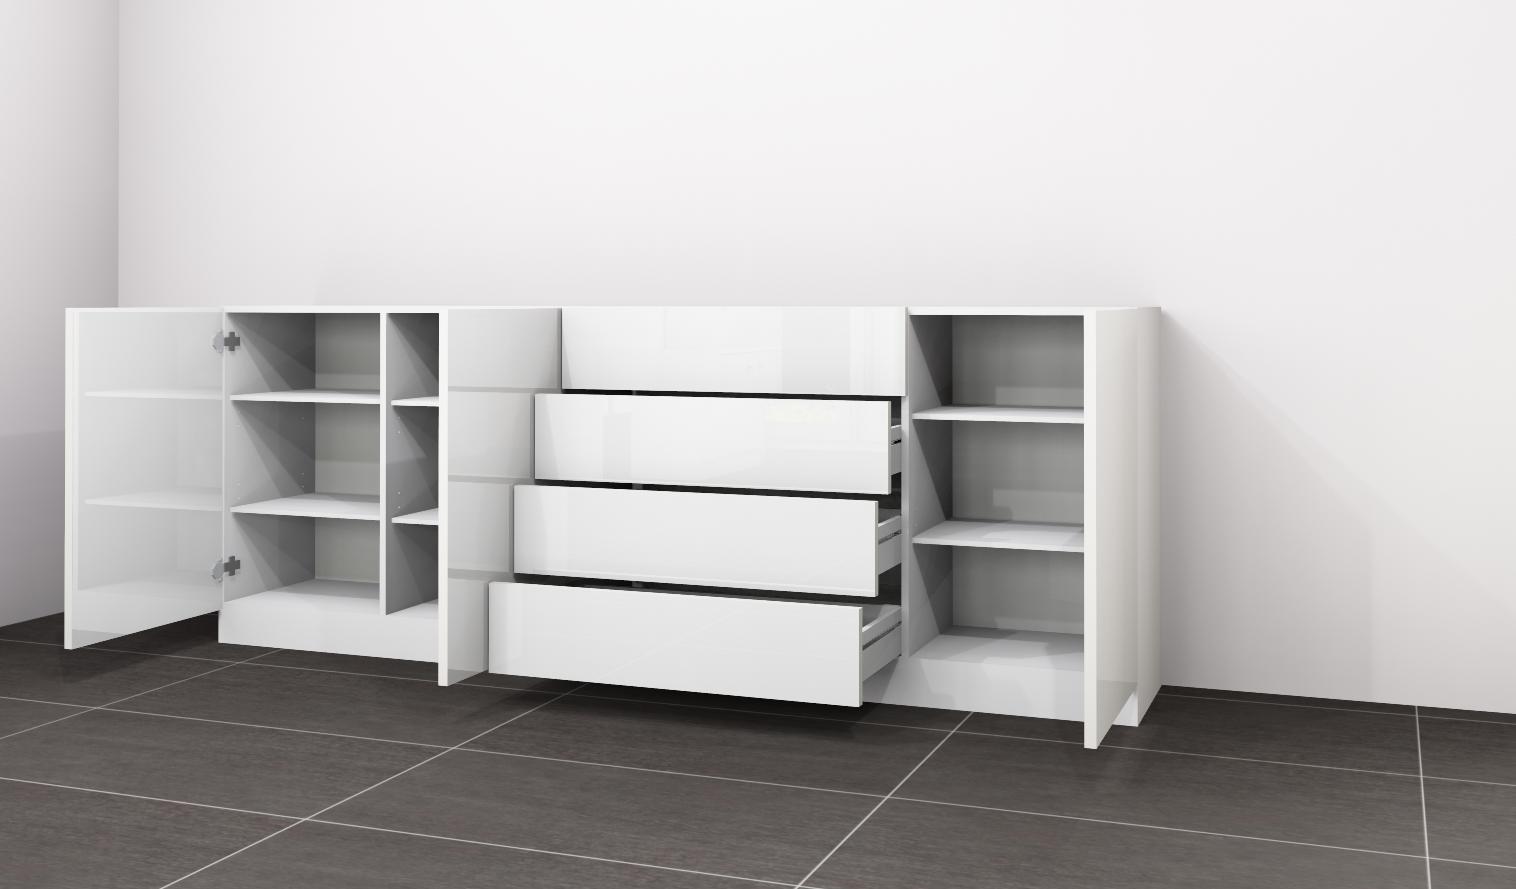 kommode vaasa 4 anrichte sideboard schrank m bel flur wohnzimmer hochglanz ebay. Black Bedroom Furniture Sets. Home Design Ideas